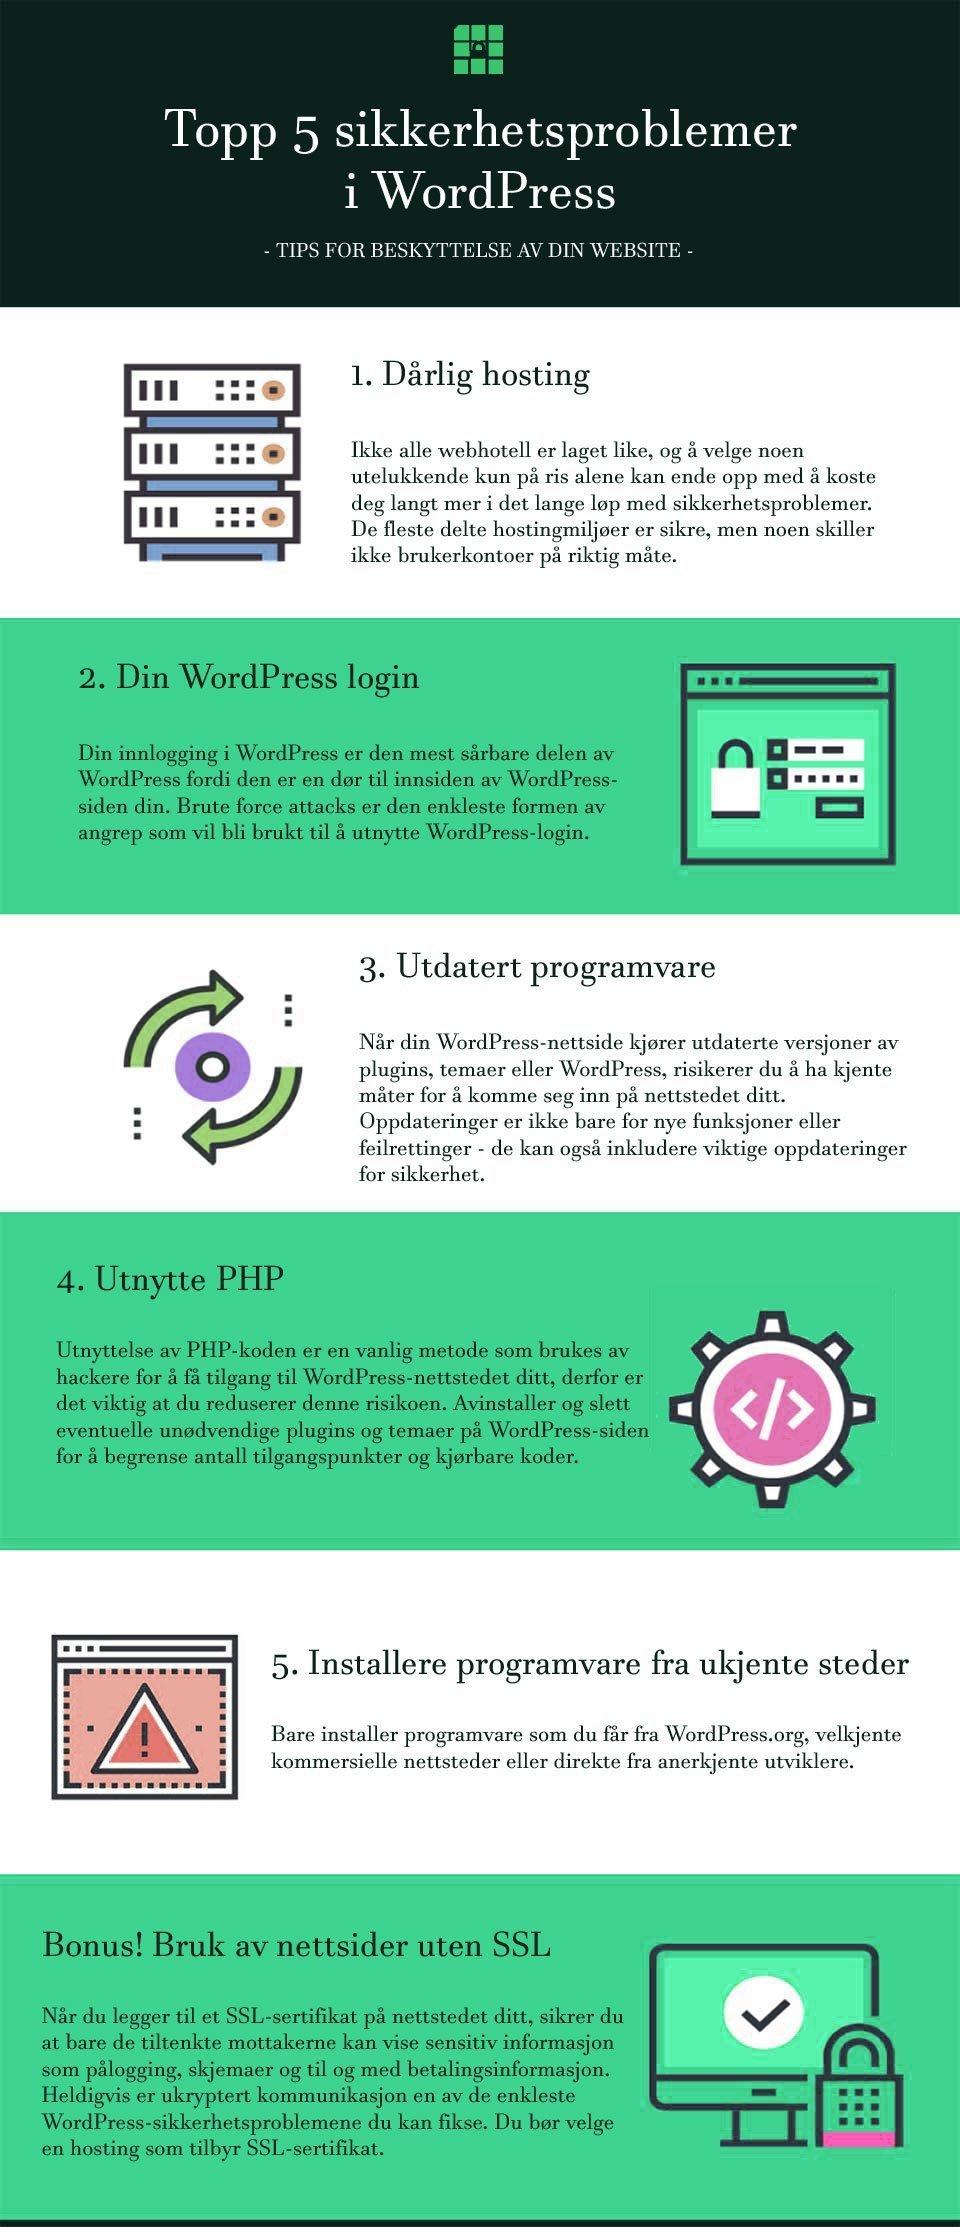 Infographic med 5 tips for beskyttelse av din nettside med WordPress